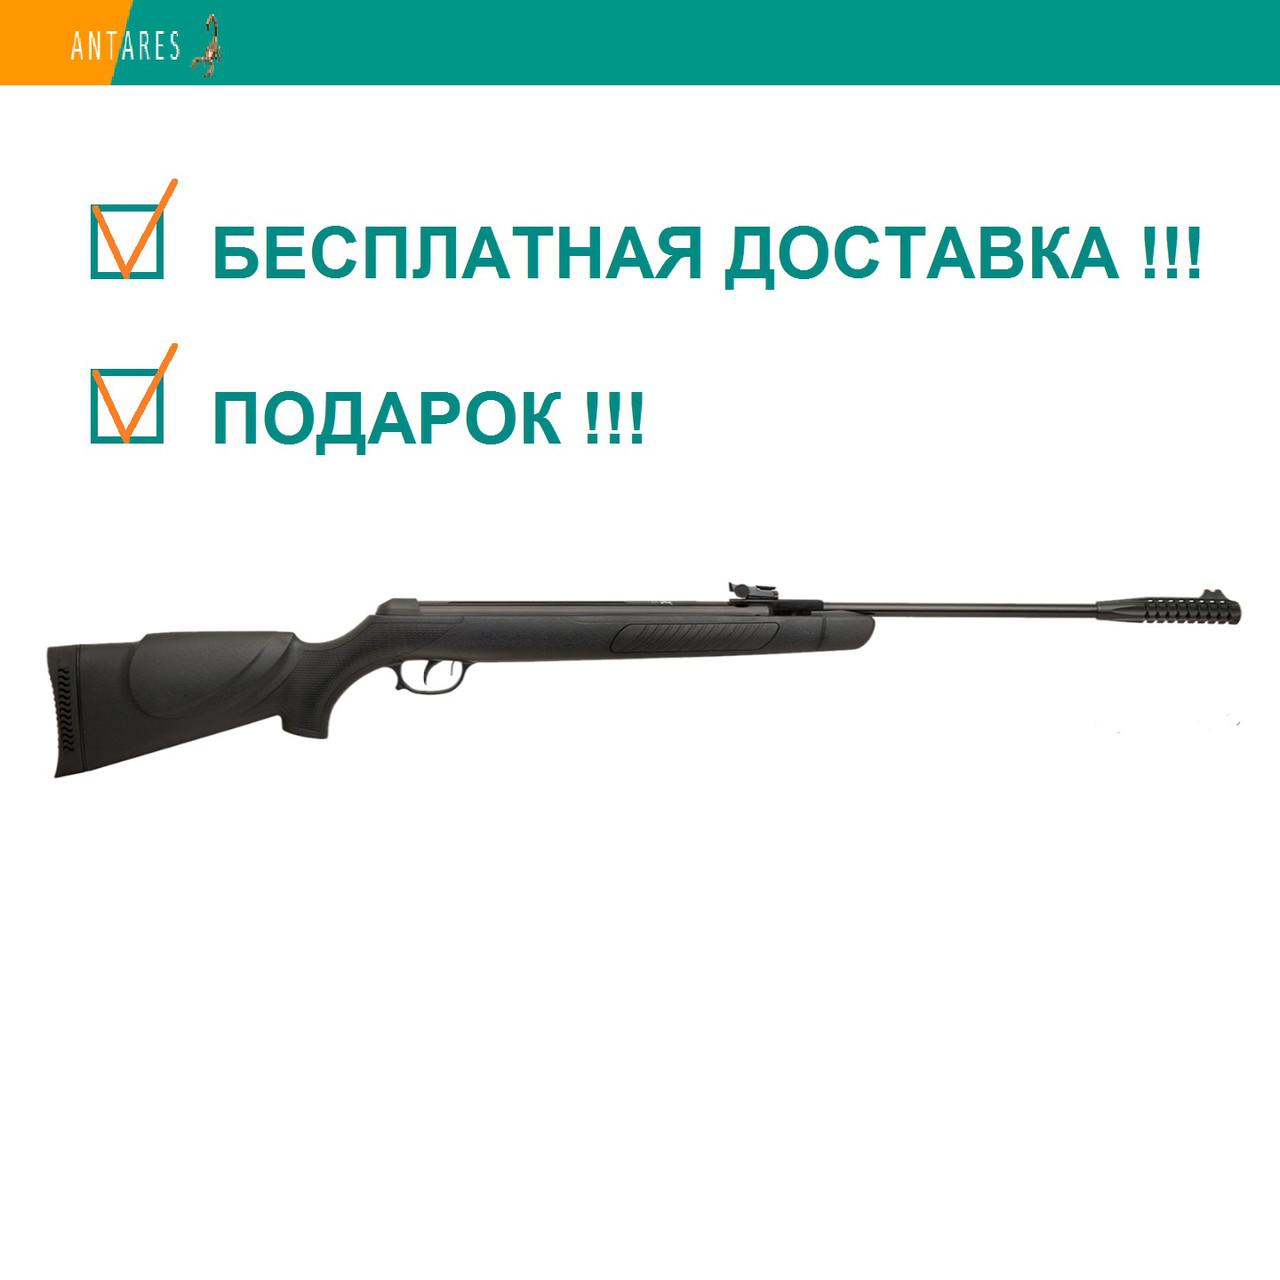 Пневматическая винтовка Kral 001 Syntetic (IAI-145S) перелом ствола 310 м/с